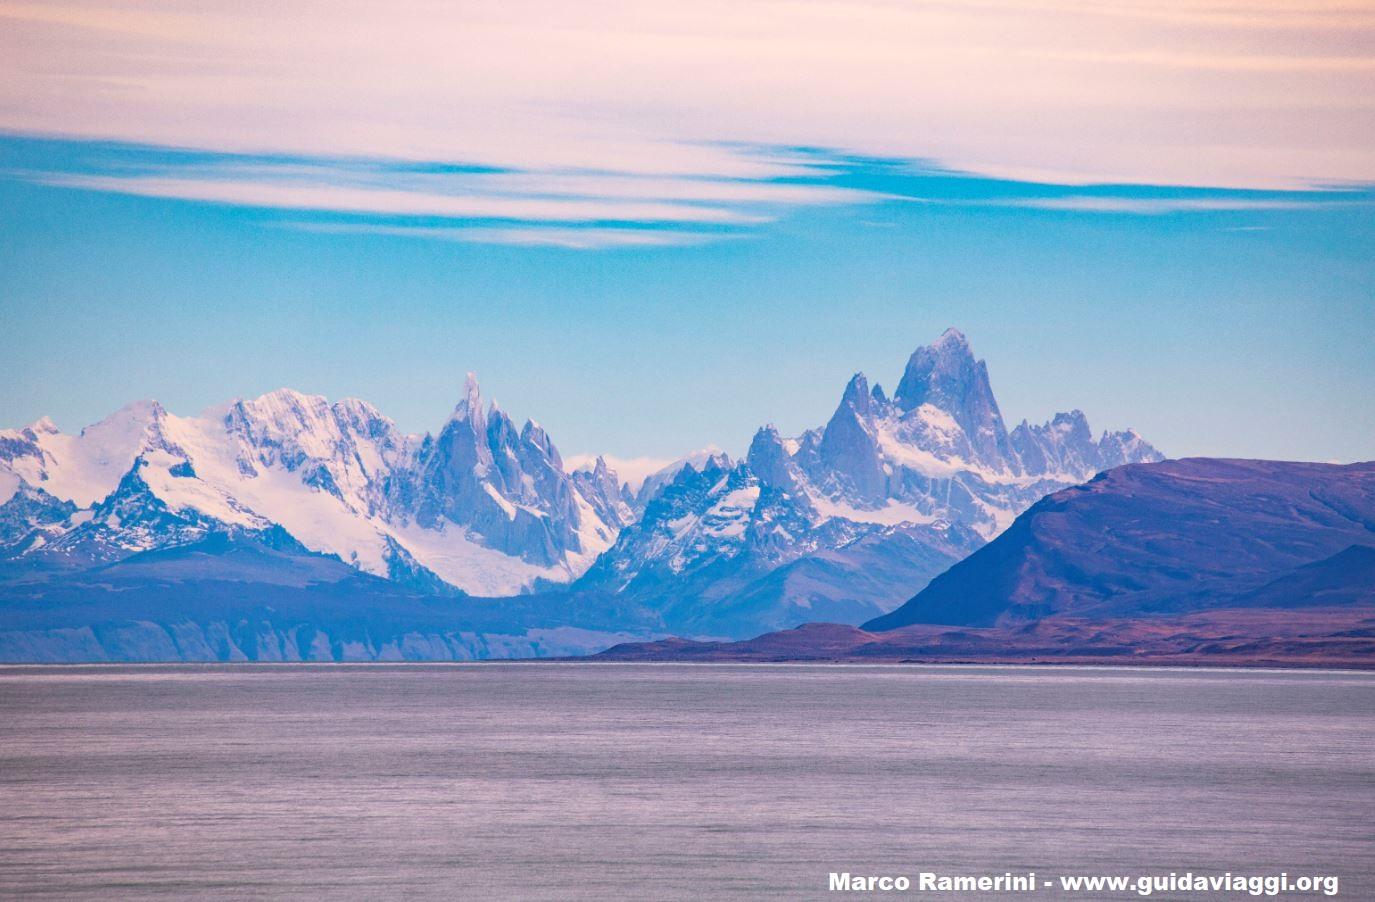 O Cerro Torre e o Monte Fitz Roy visto do Lago Viedma perto de La Leona, Argentina. Autor e Copyright Marco Ramerini